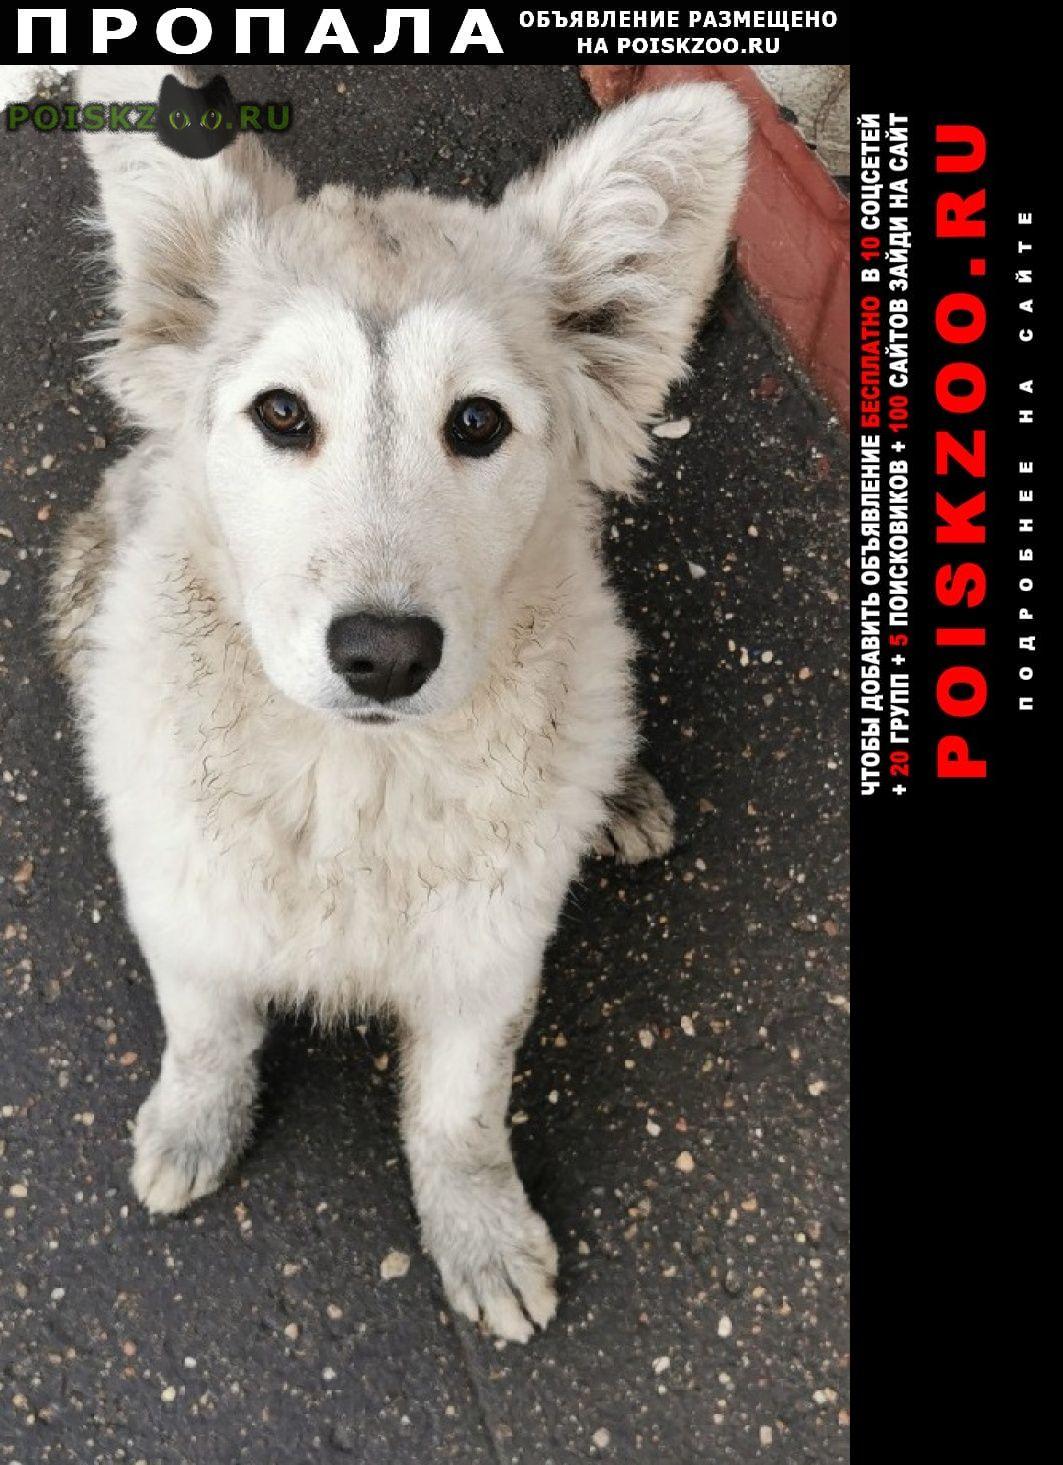 Пропала собака очаково-матвеевский р-н г.Москва